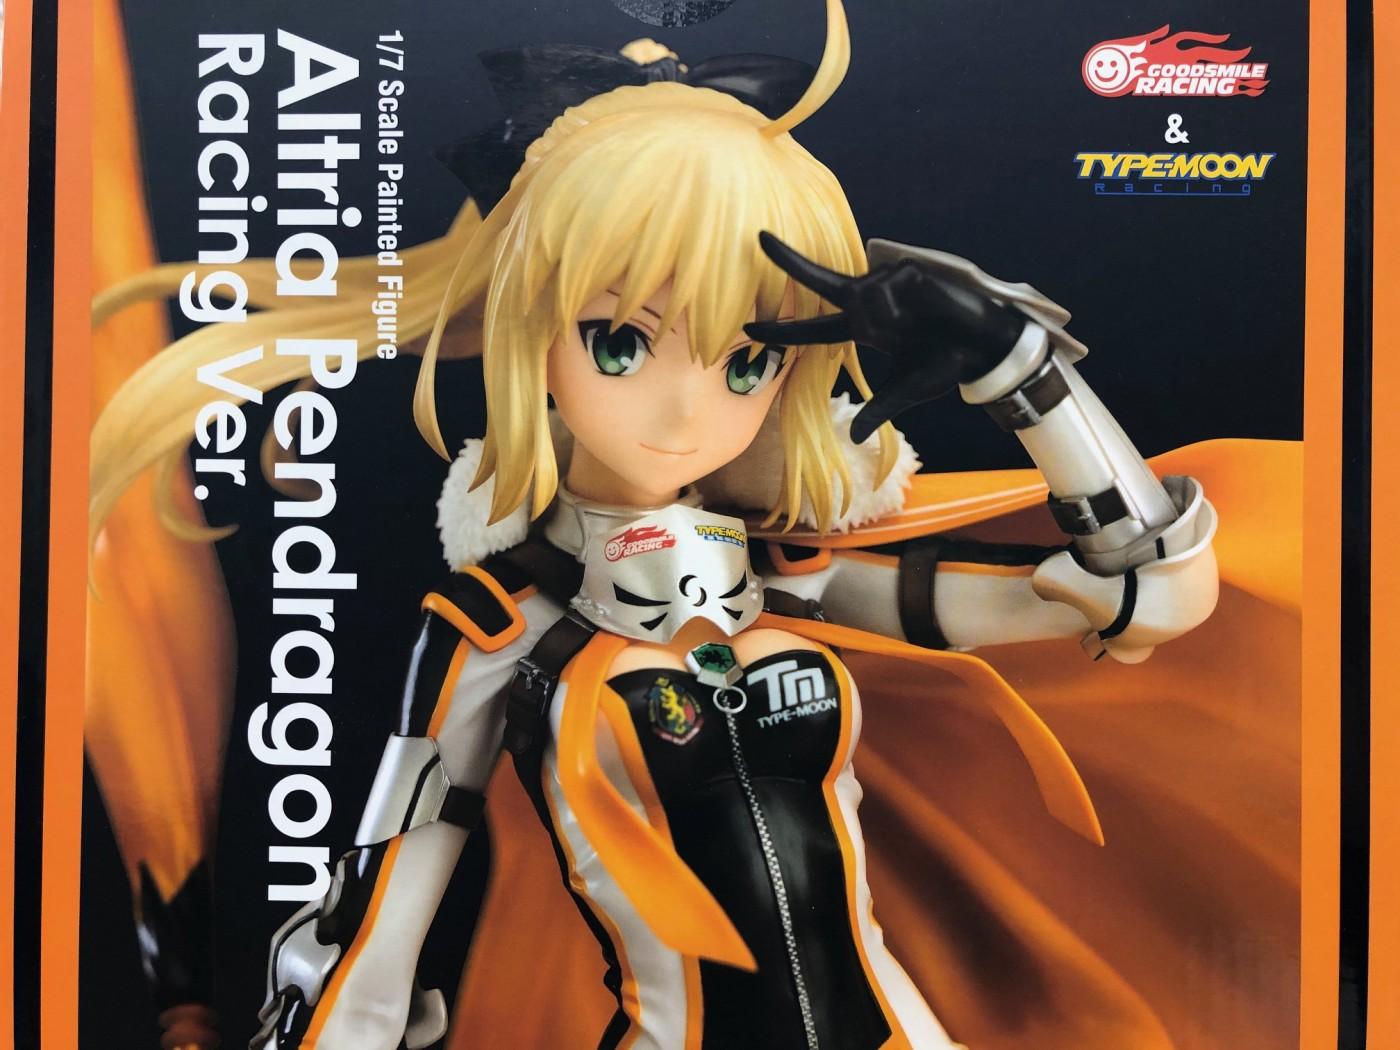 買取情報『 グッドスマイルカンパニーのグッドスマイルレーシング&TYPE-MOON Racing「アルトリア・ペンドラゴン」レーシング.ver』